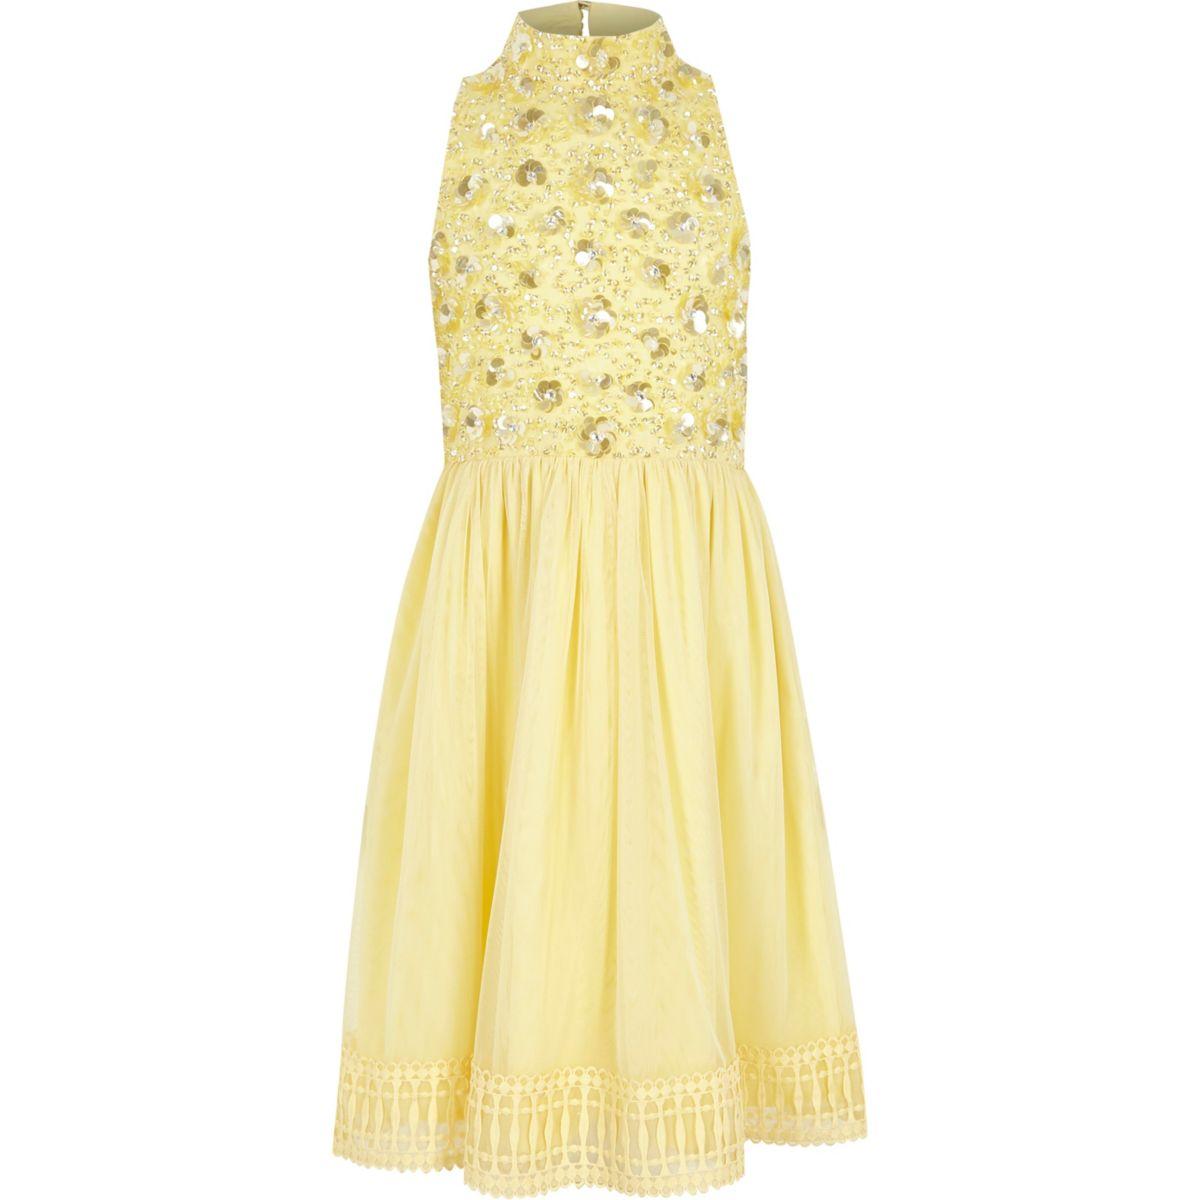 Robe de demoiselle d'honneur jaune à fleurs avec ornements pour fille